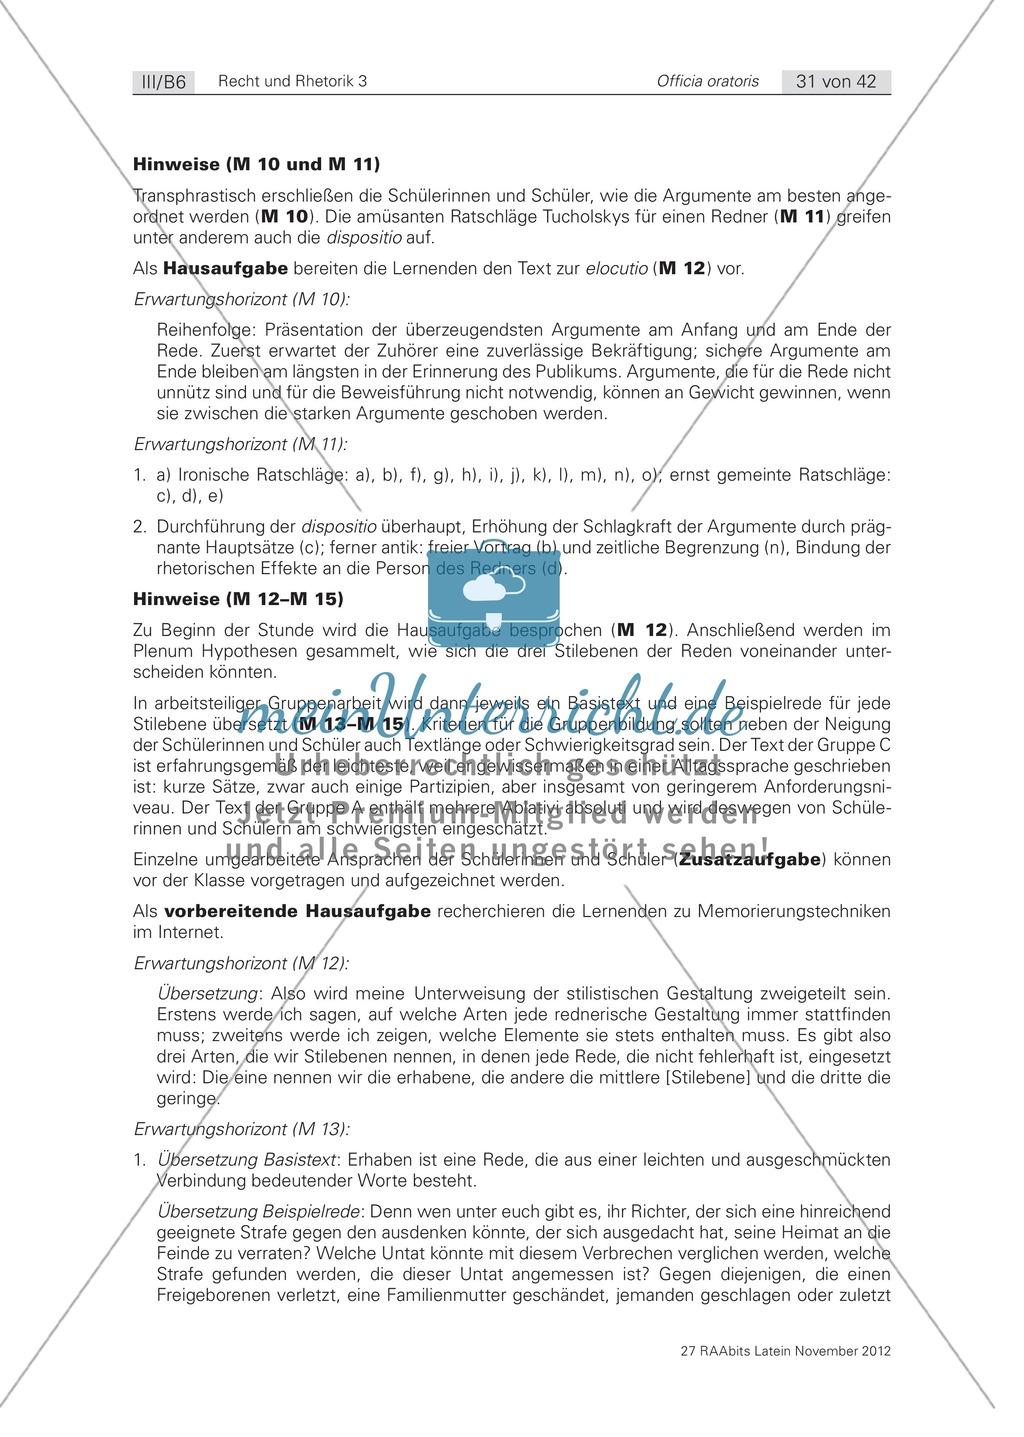 Zum Aufbau von Reden: die 'elocutio': Arbeitsblätter und Erläuterungen Preview 6